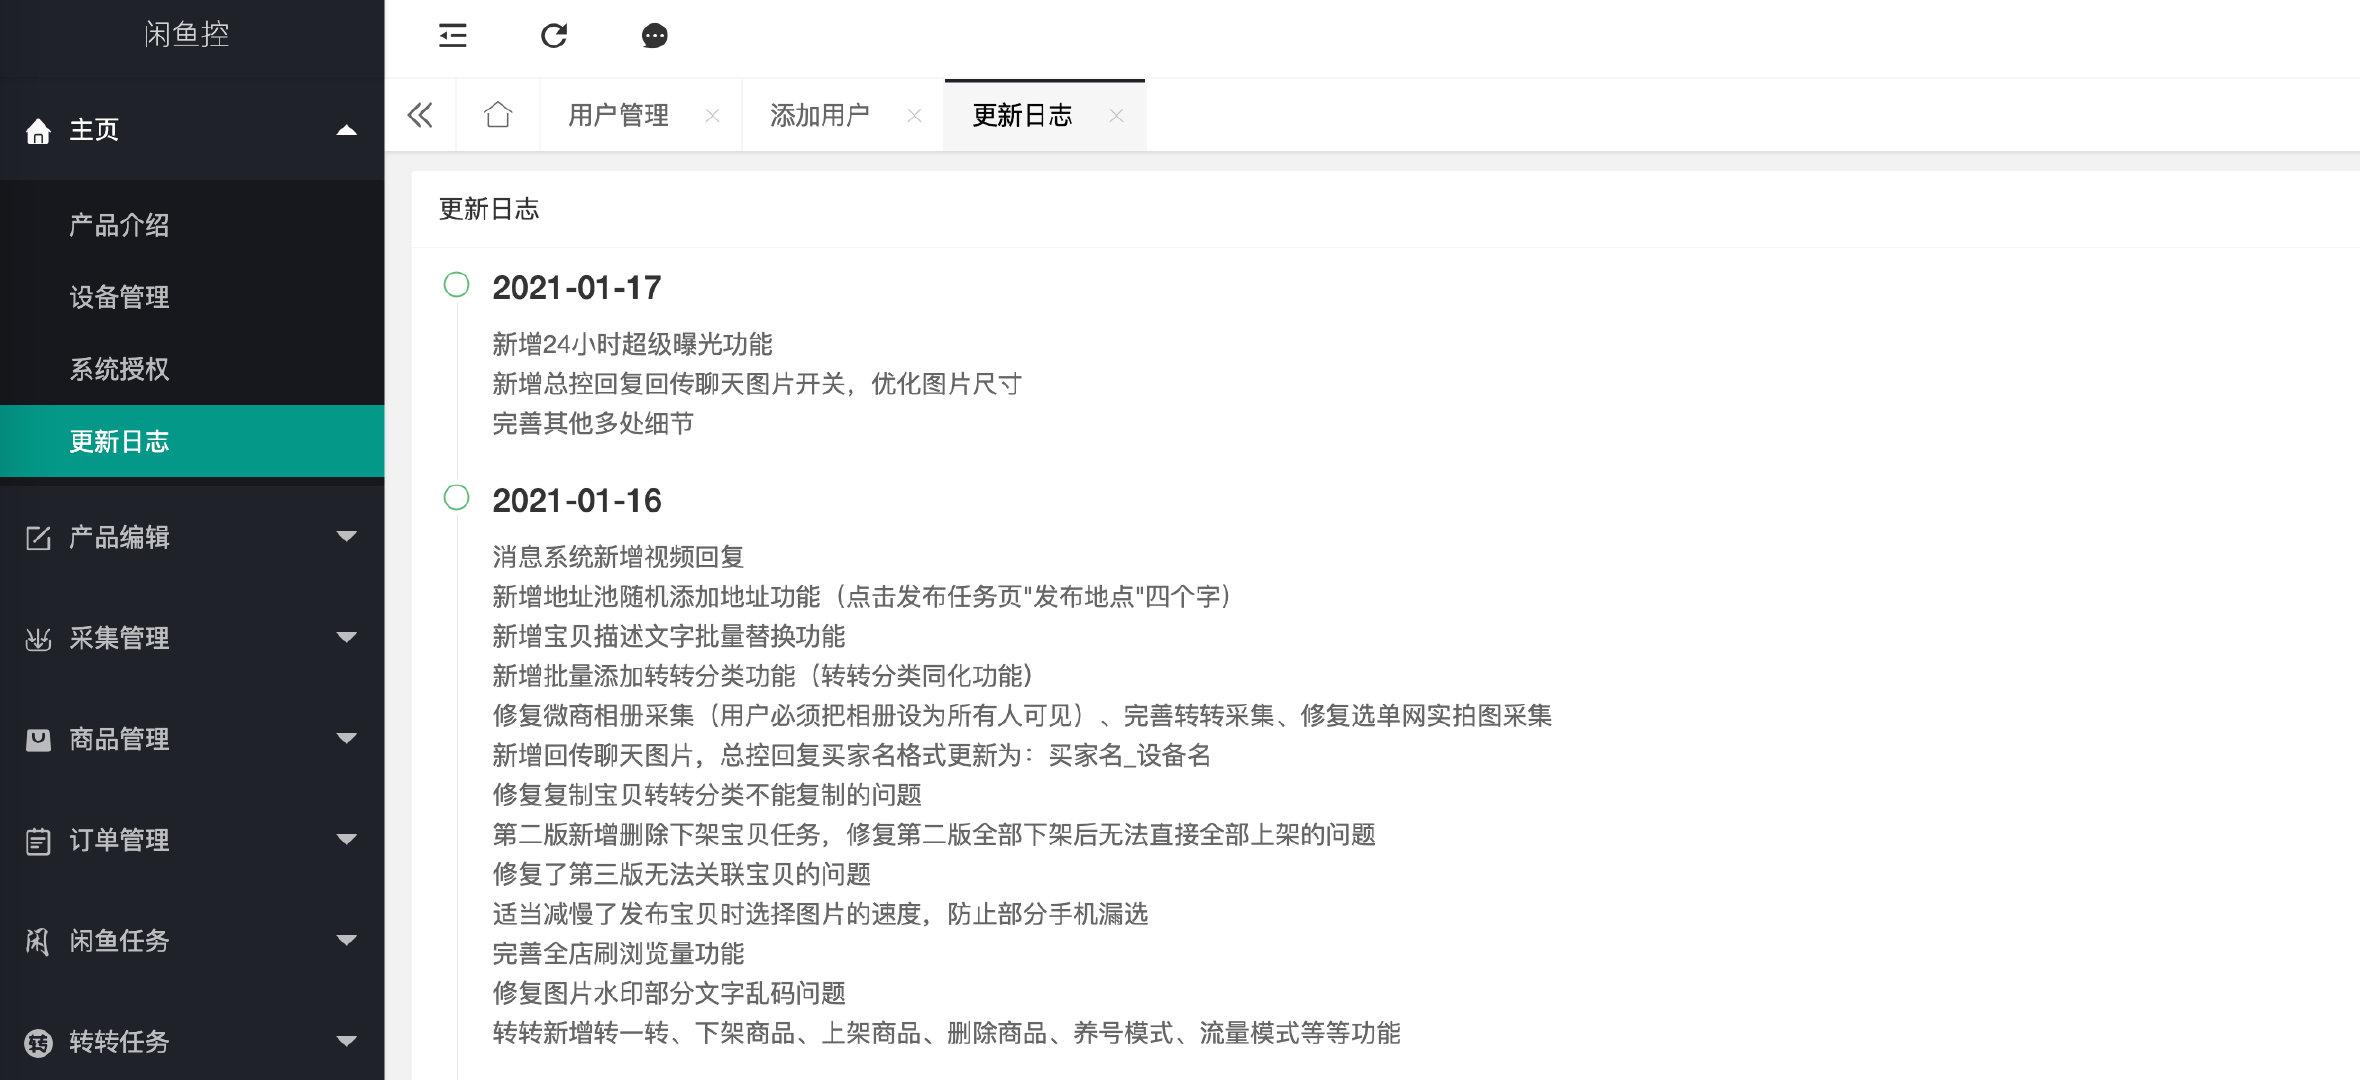 闲鱼助手苹果端,预计将在明年3月份上线 & 产品库说明